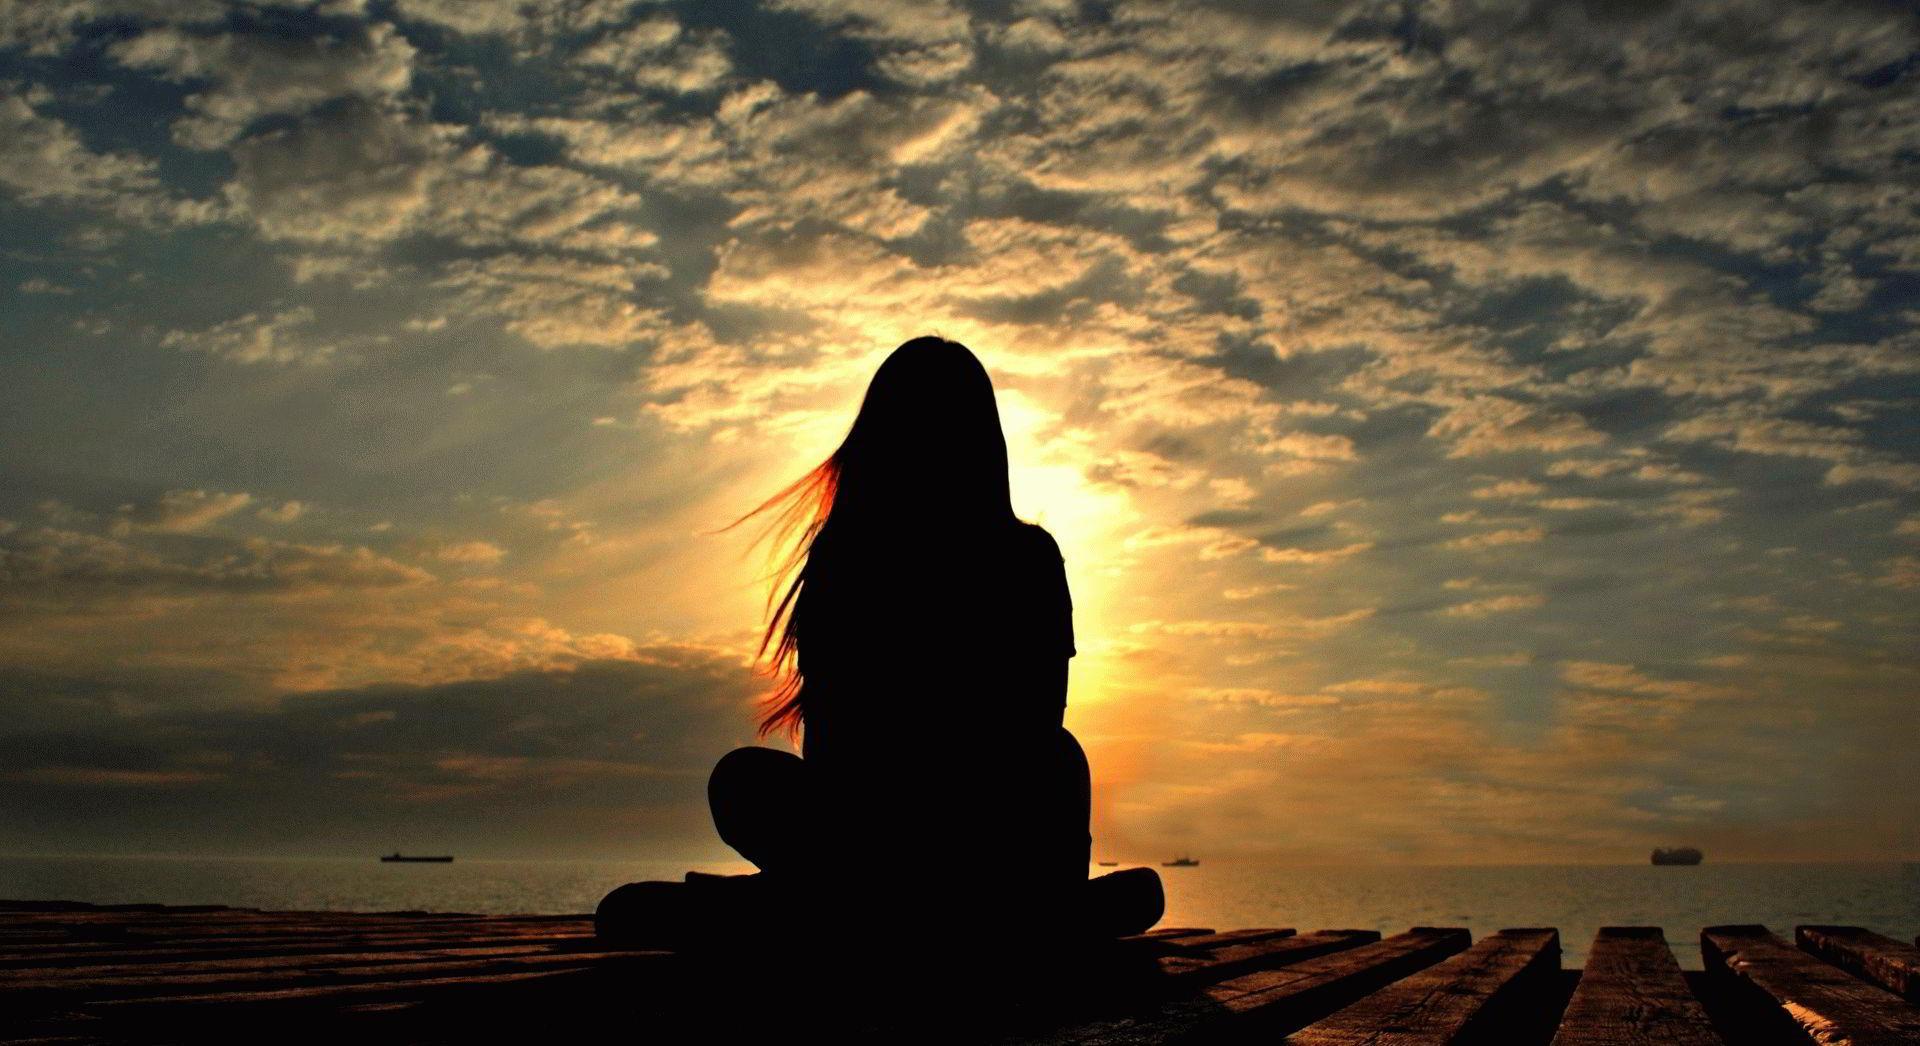 Сильная молитва о том, чтобы любимый вернулся ко мне быстро и любил только меня!